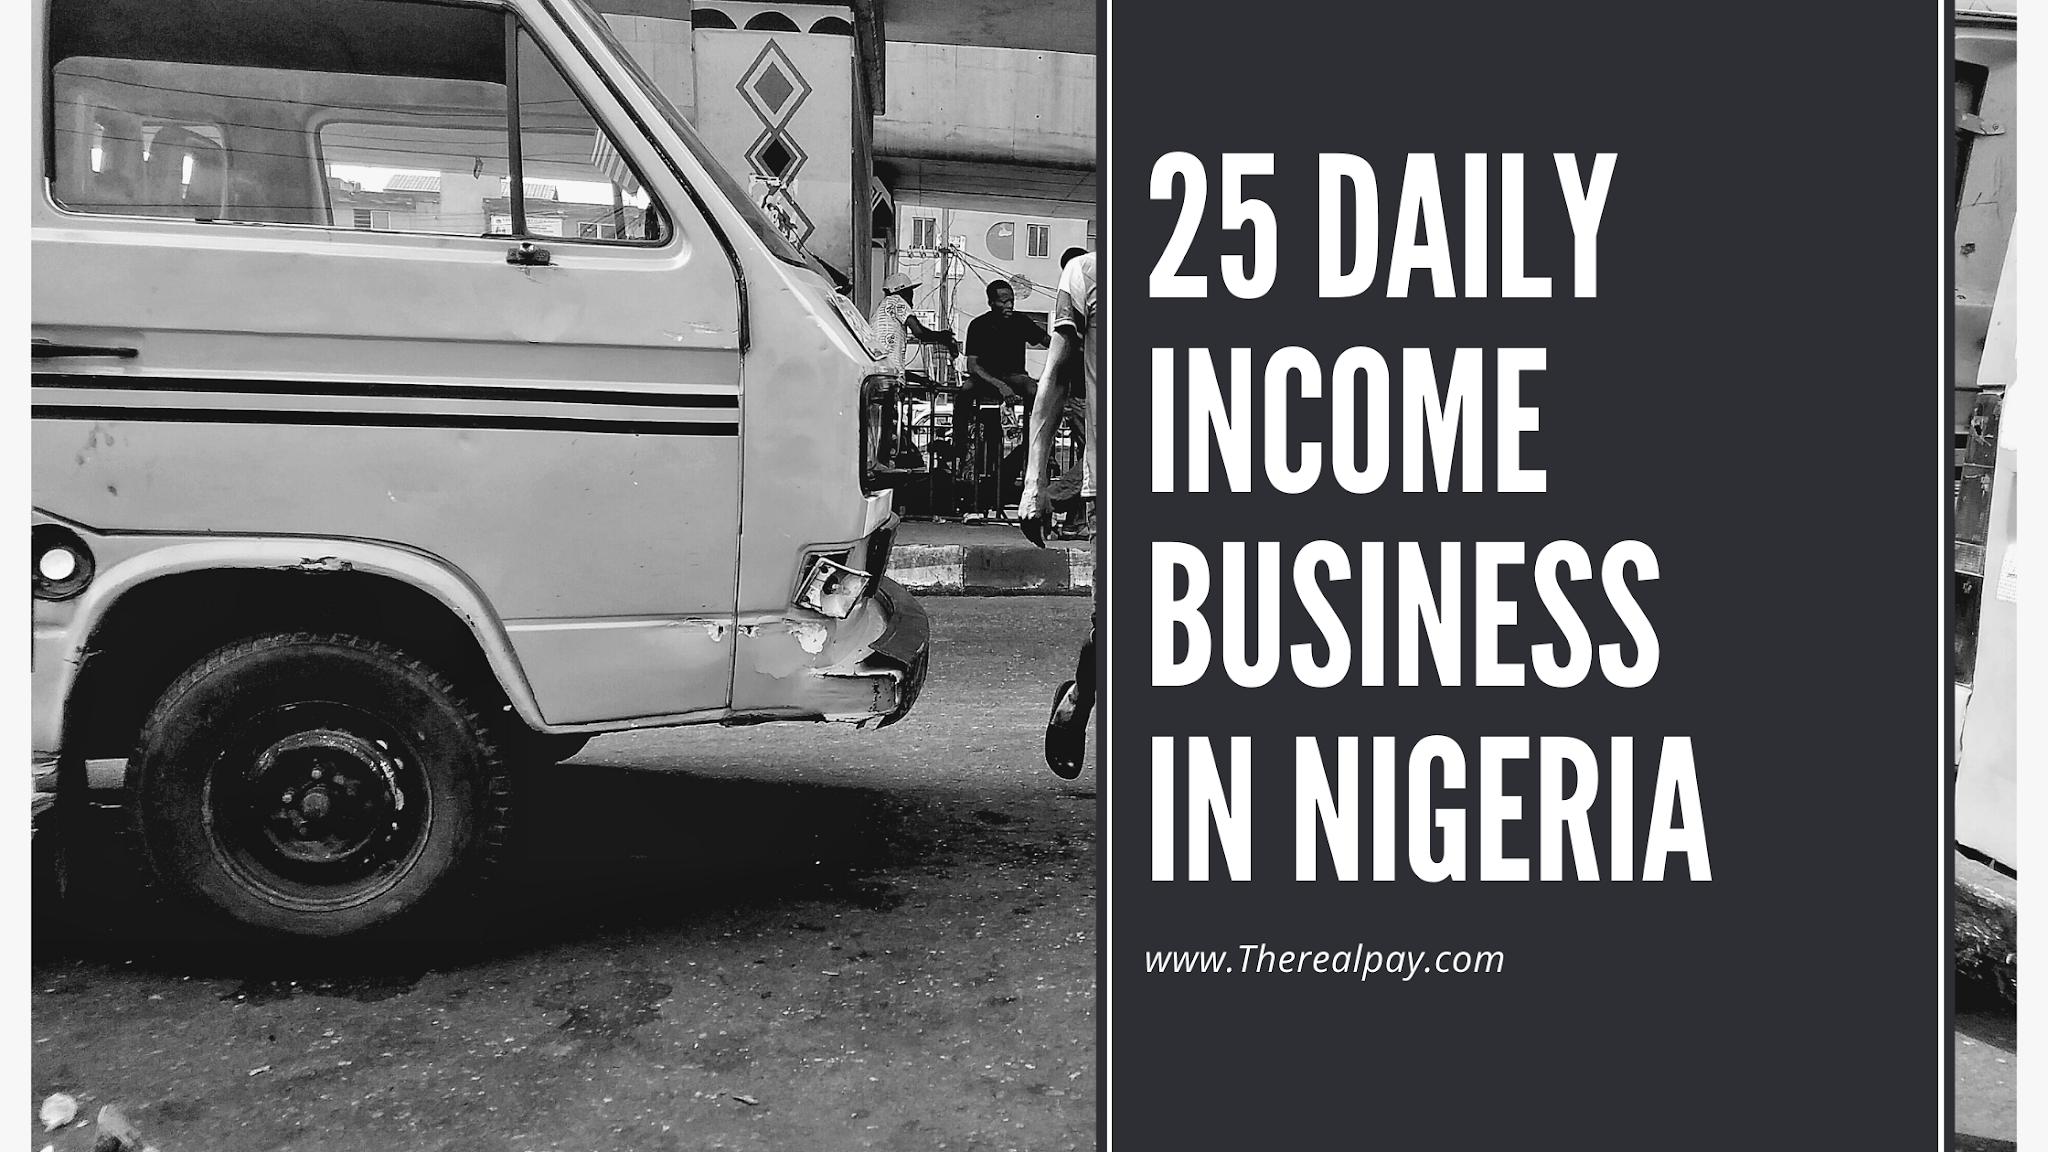 profitable daily income in nigeria